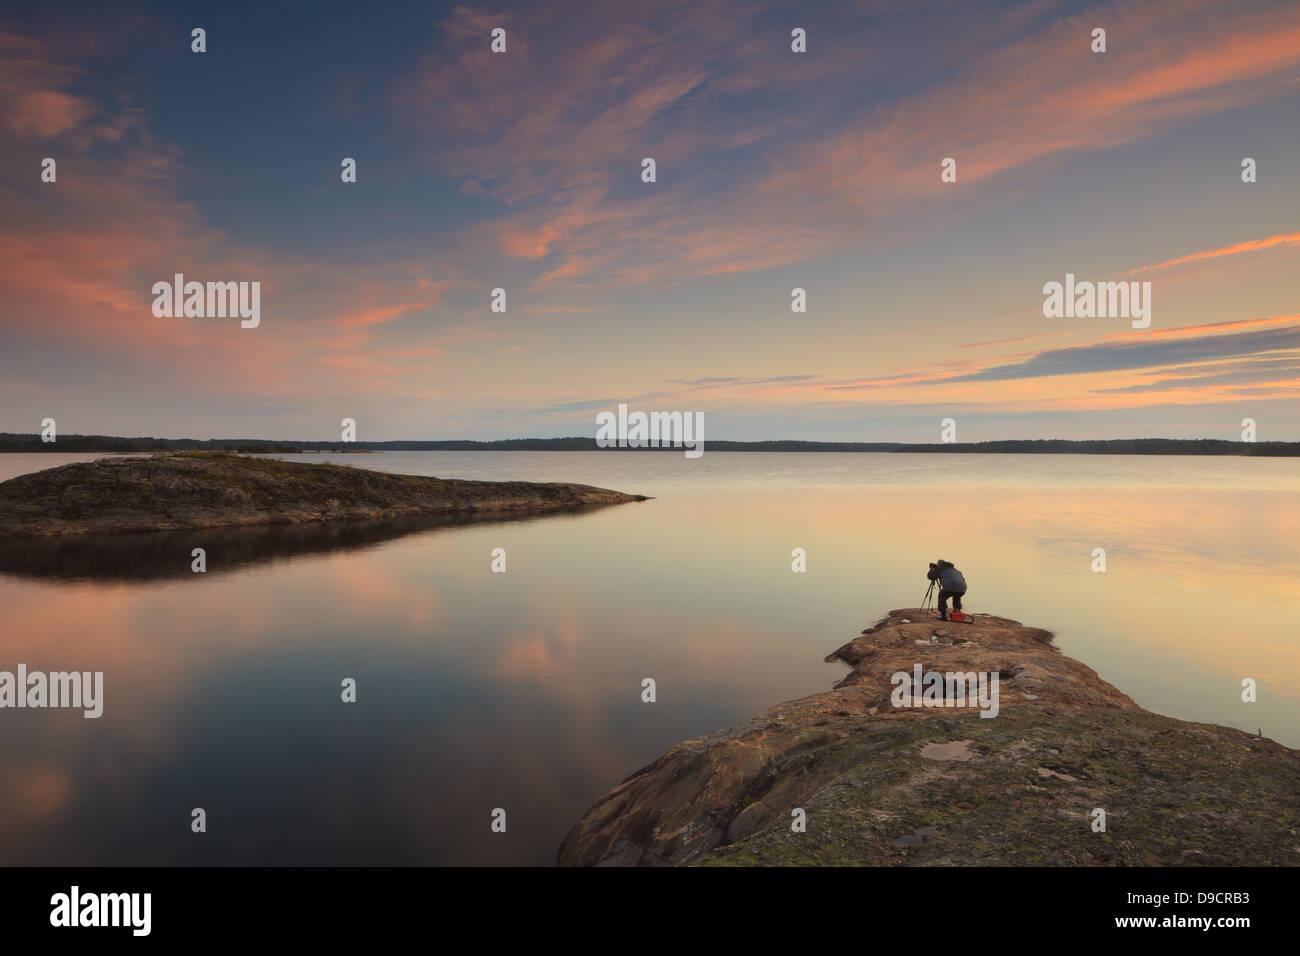 Ein Fotograf ist Fotografieren in der Dämmerung auf der Insel im See Brattholmen Råde Vansjø, Kommune, Stockbild